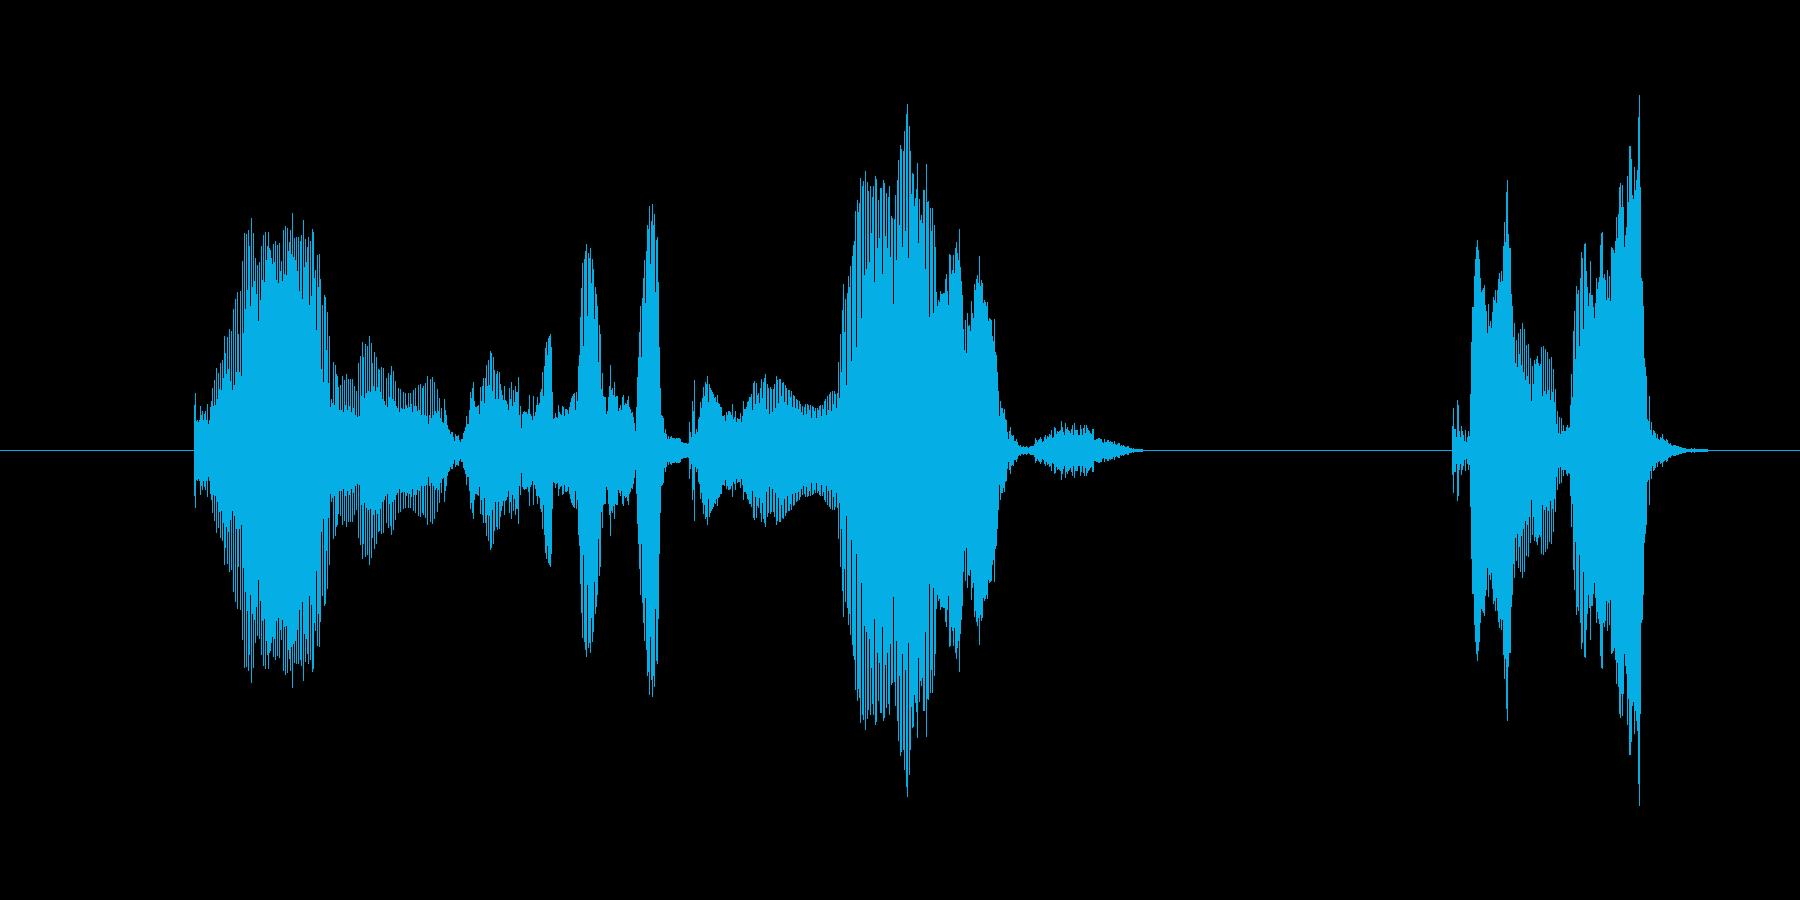 今日のおススメ作品はこれの再生済みの波形